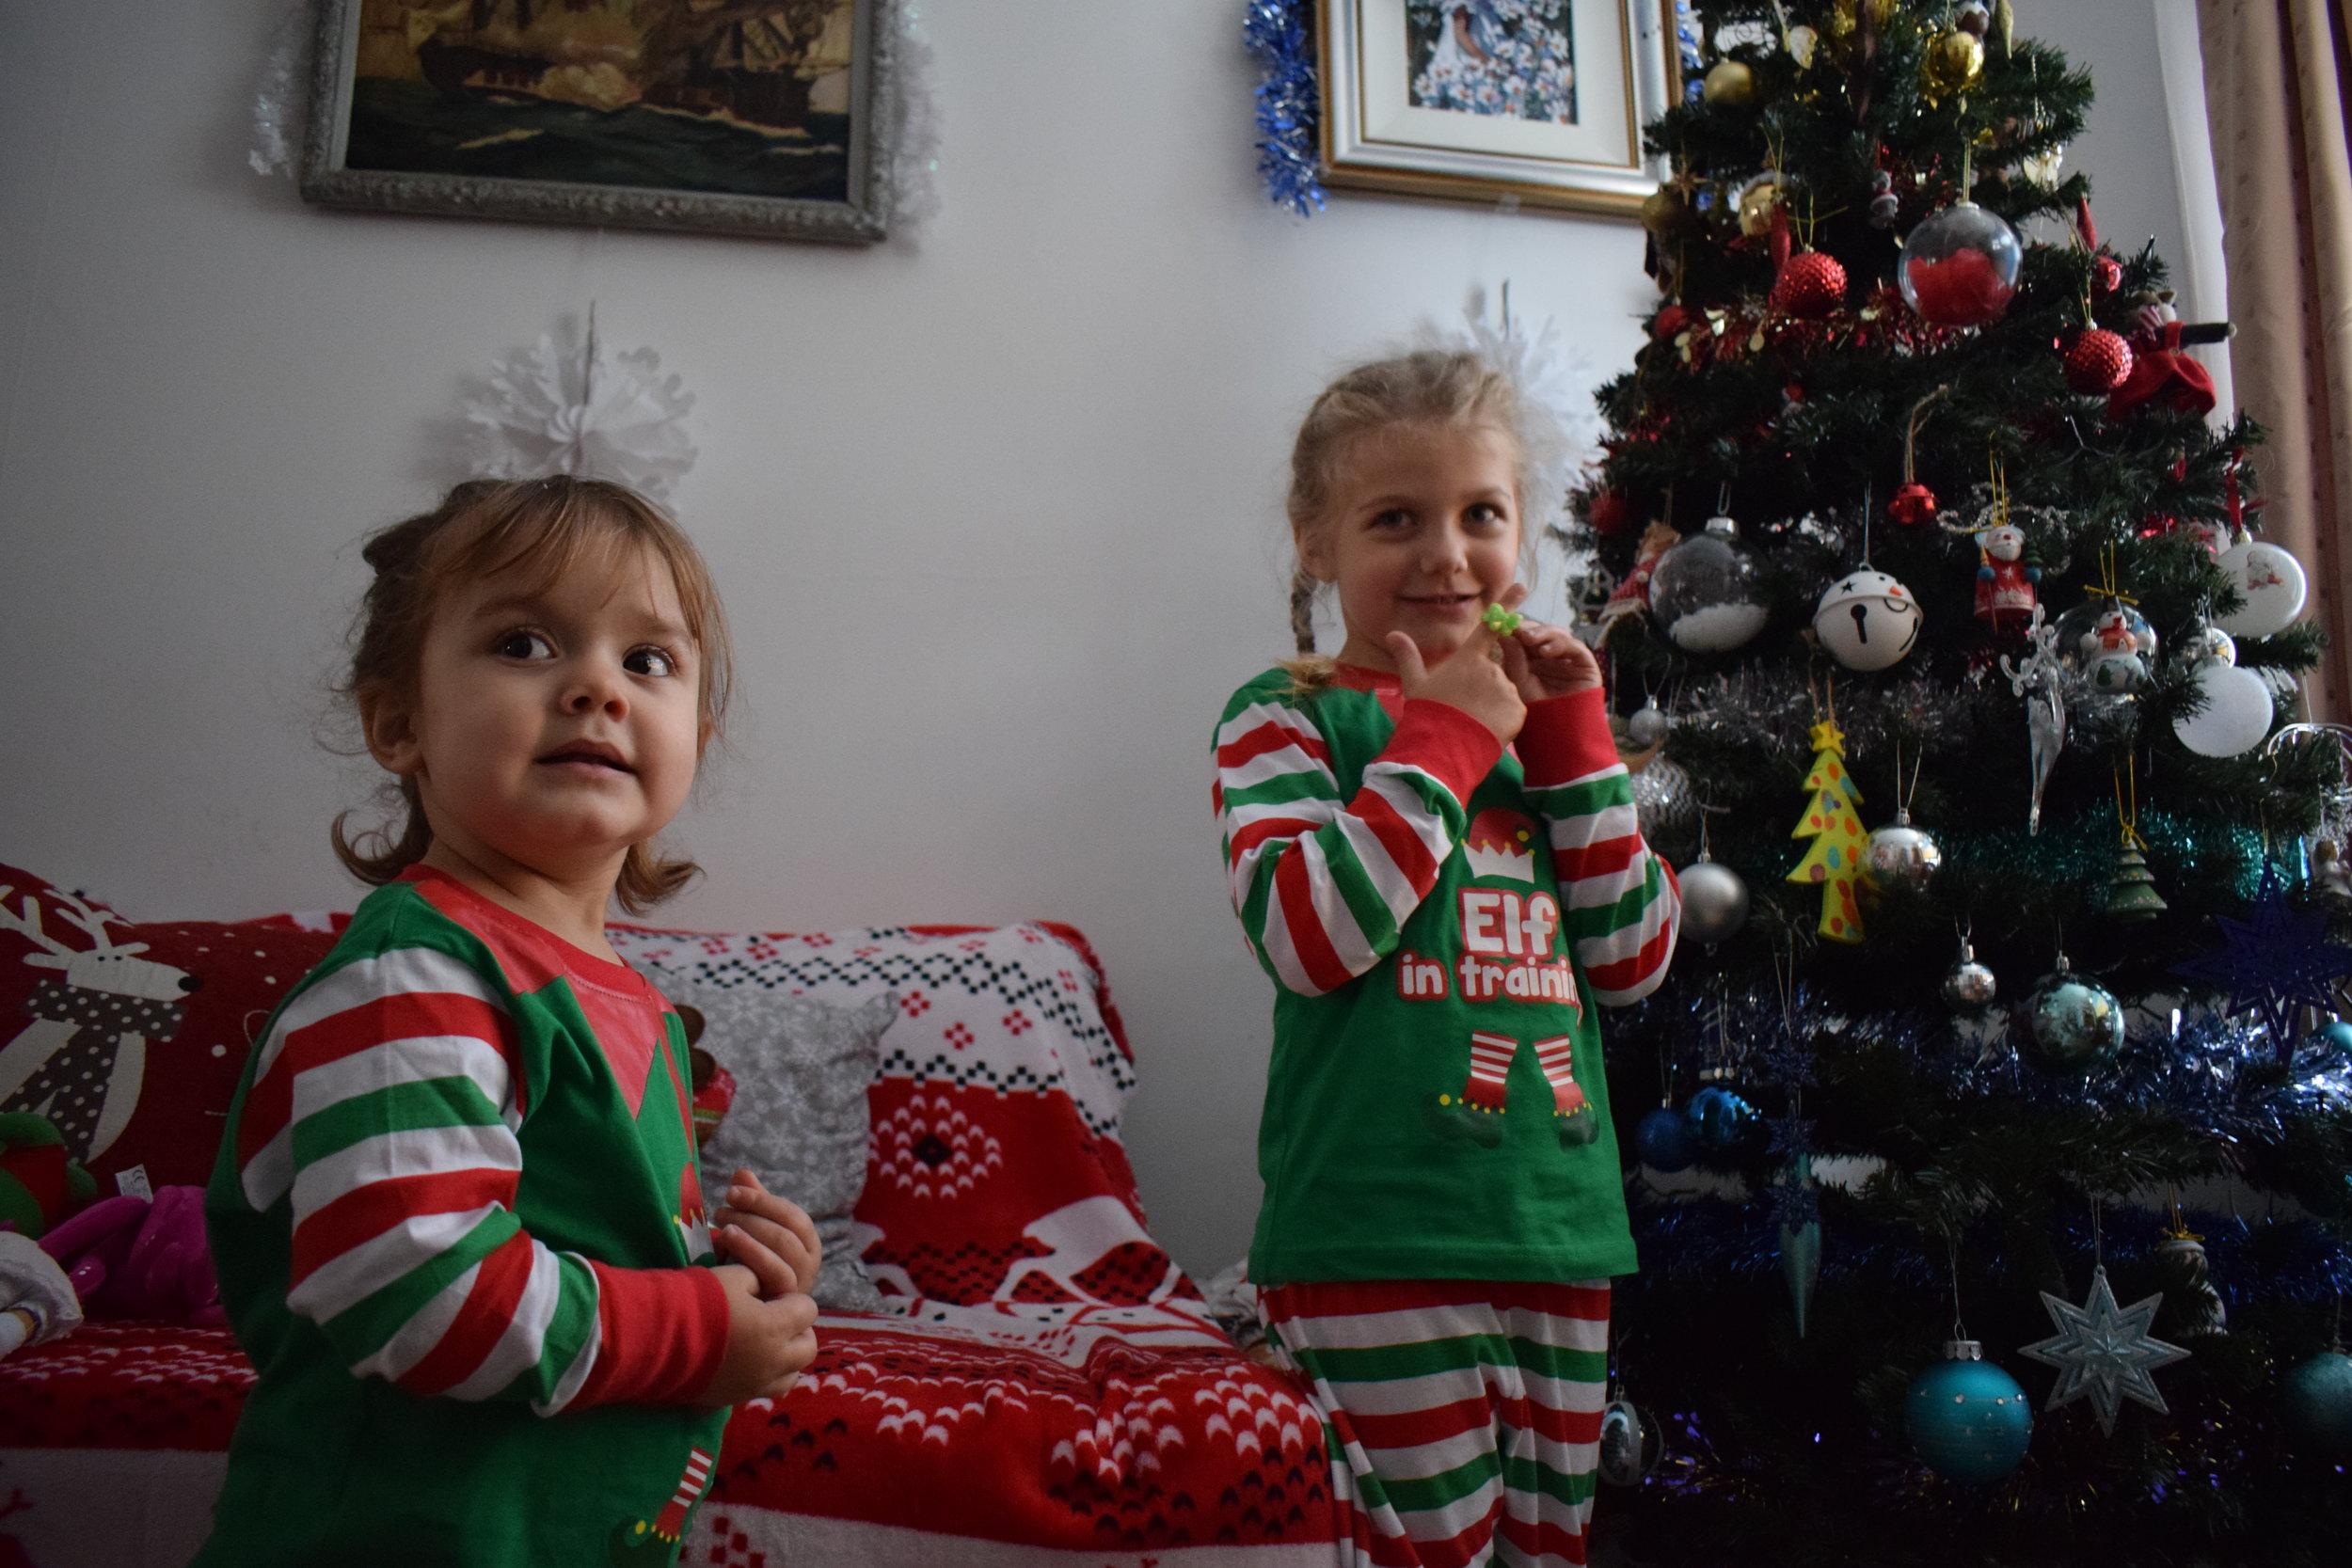 Elf in Training pyjamas The Pyjama Factory